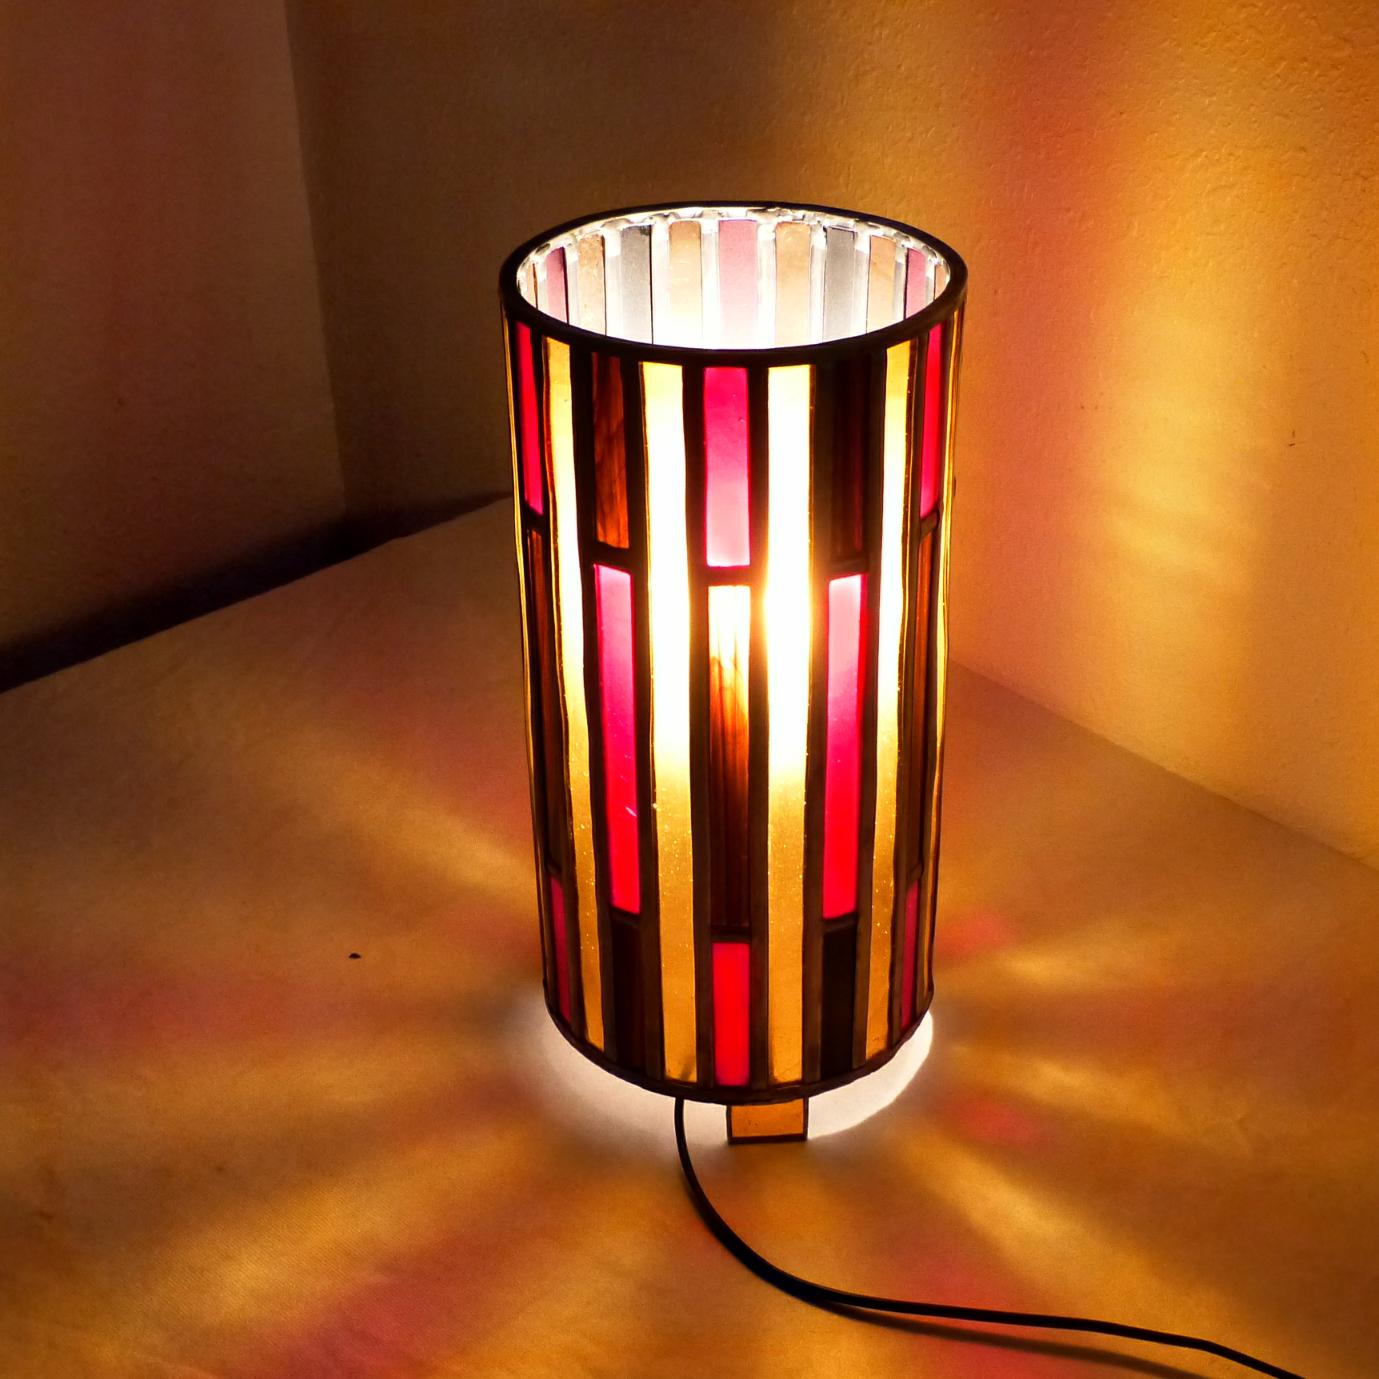 Lampe vitrail cylindre ambre et rouge